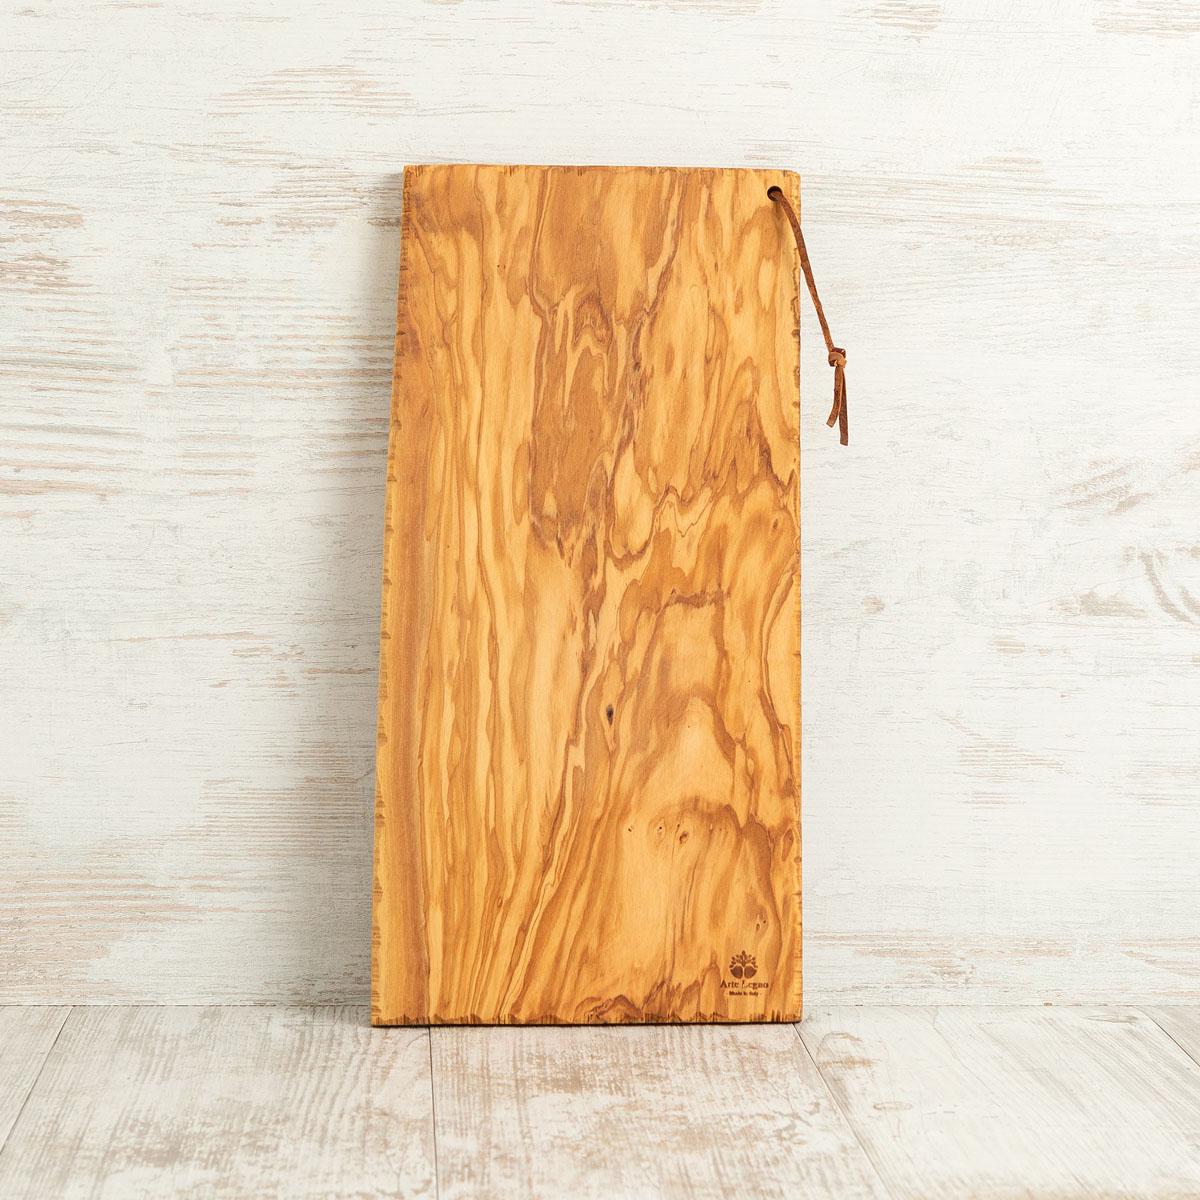 Tagliere con lato seghettato in legno di ulivo | Arte Legno